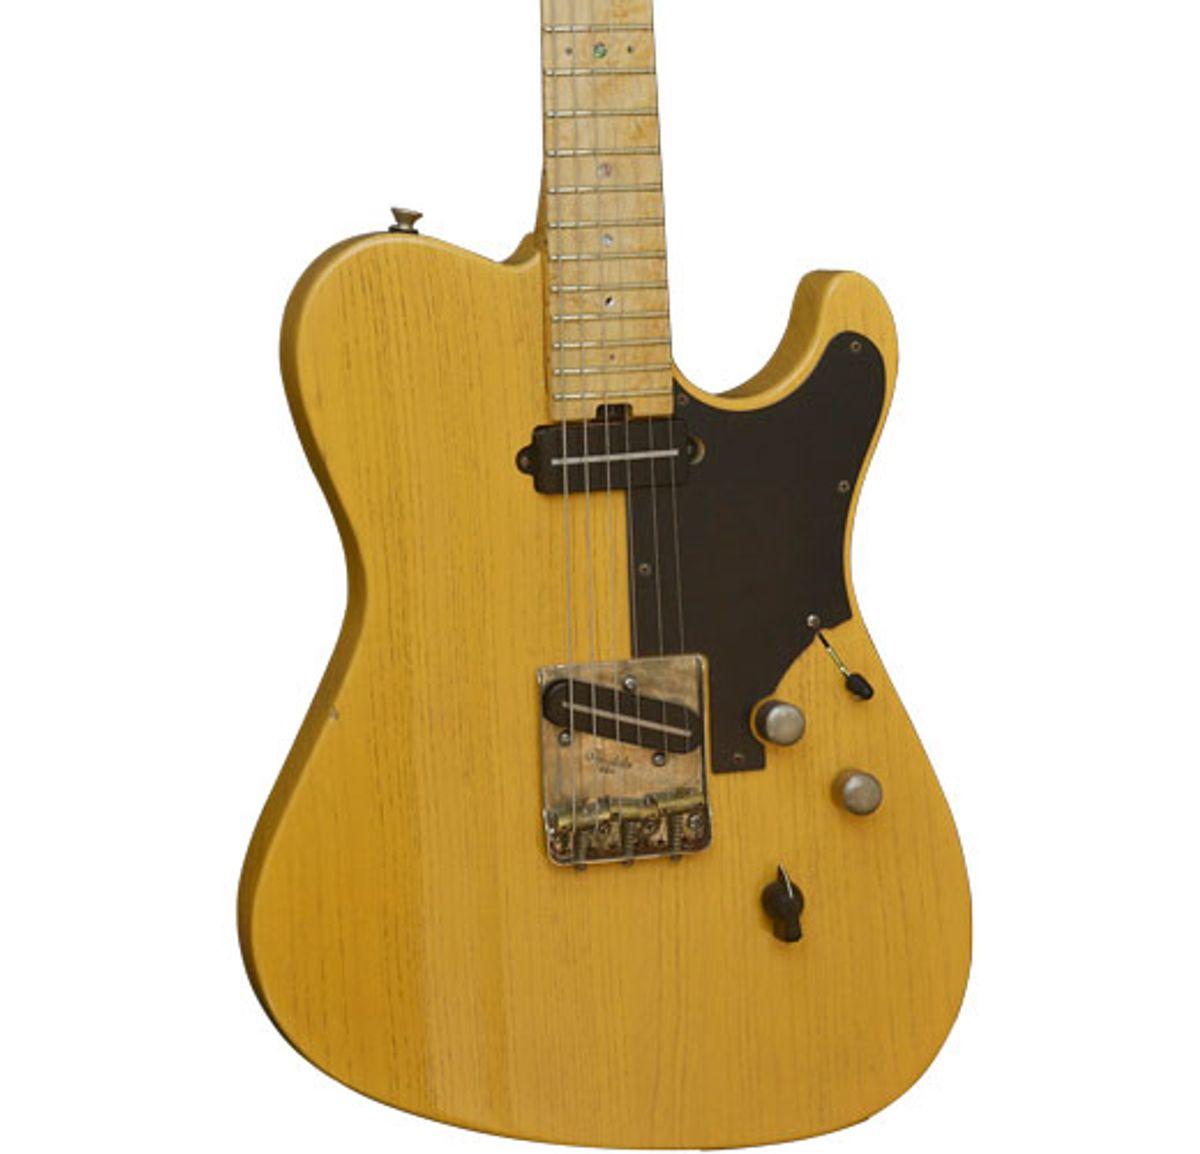 Asher Guitars Announces Vintage Series